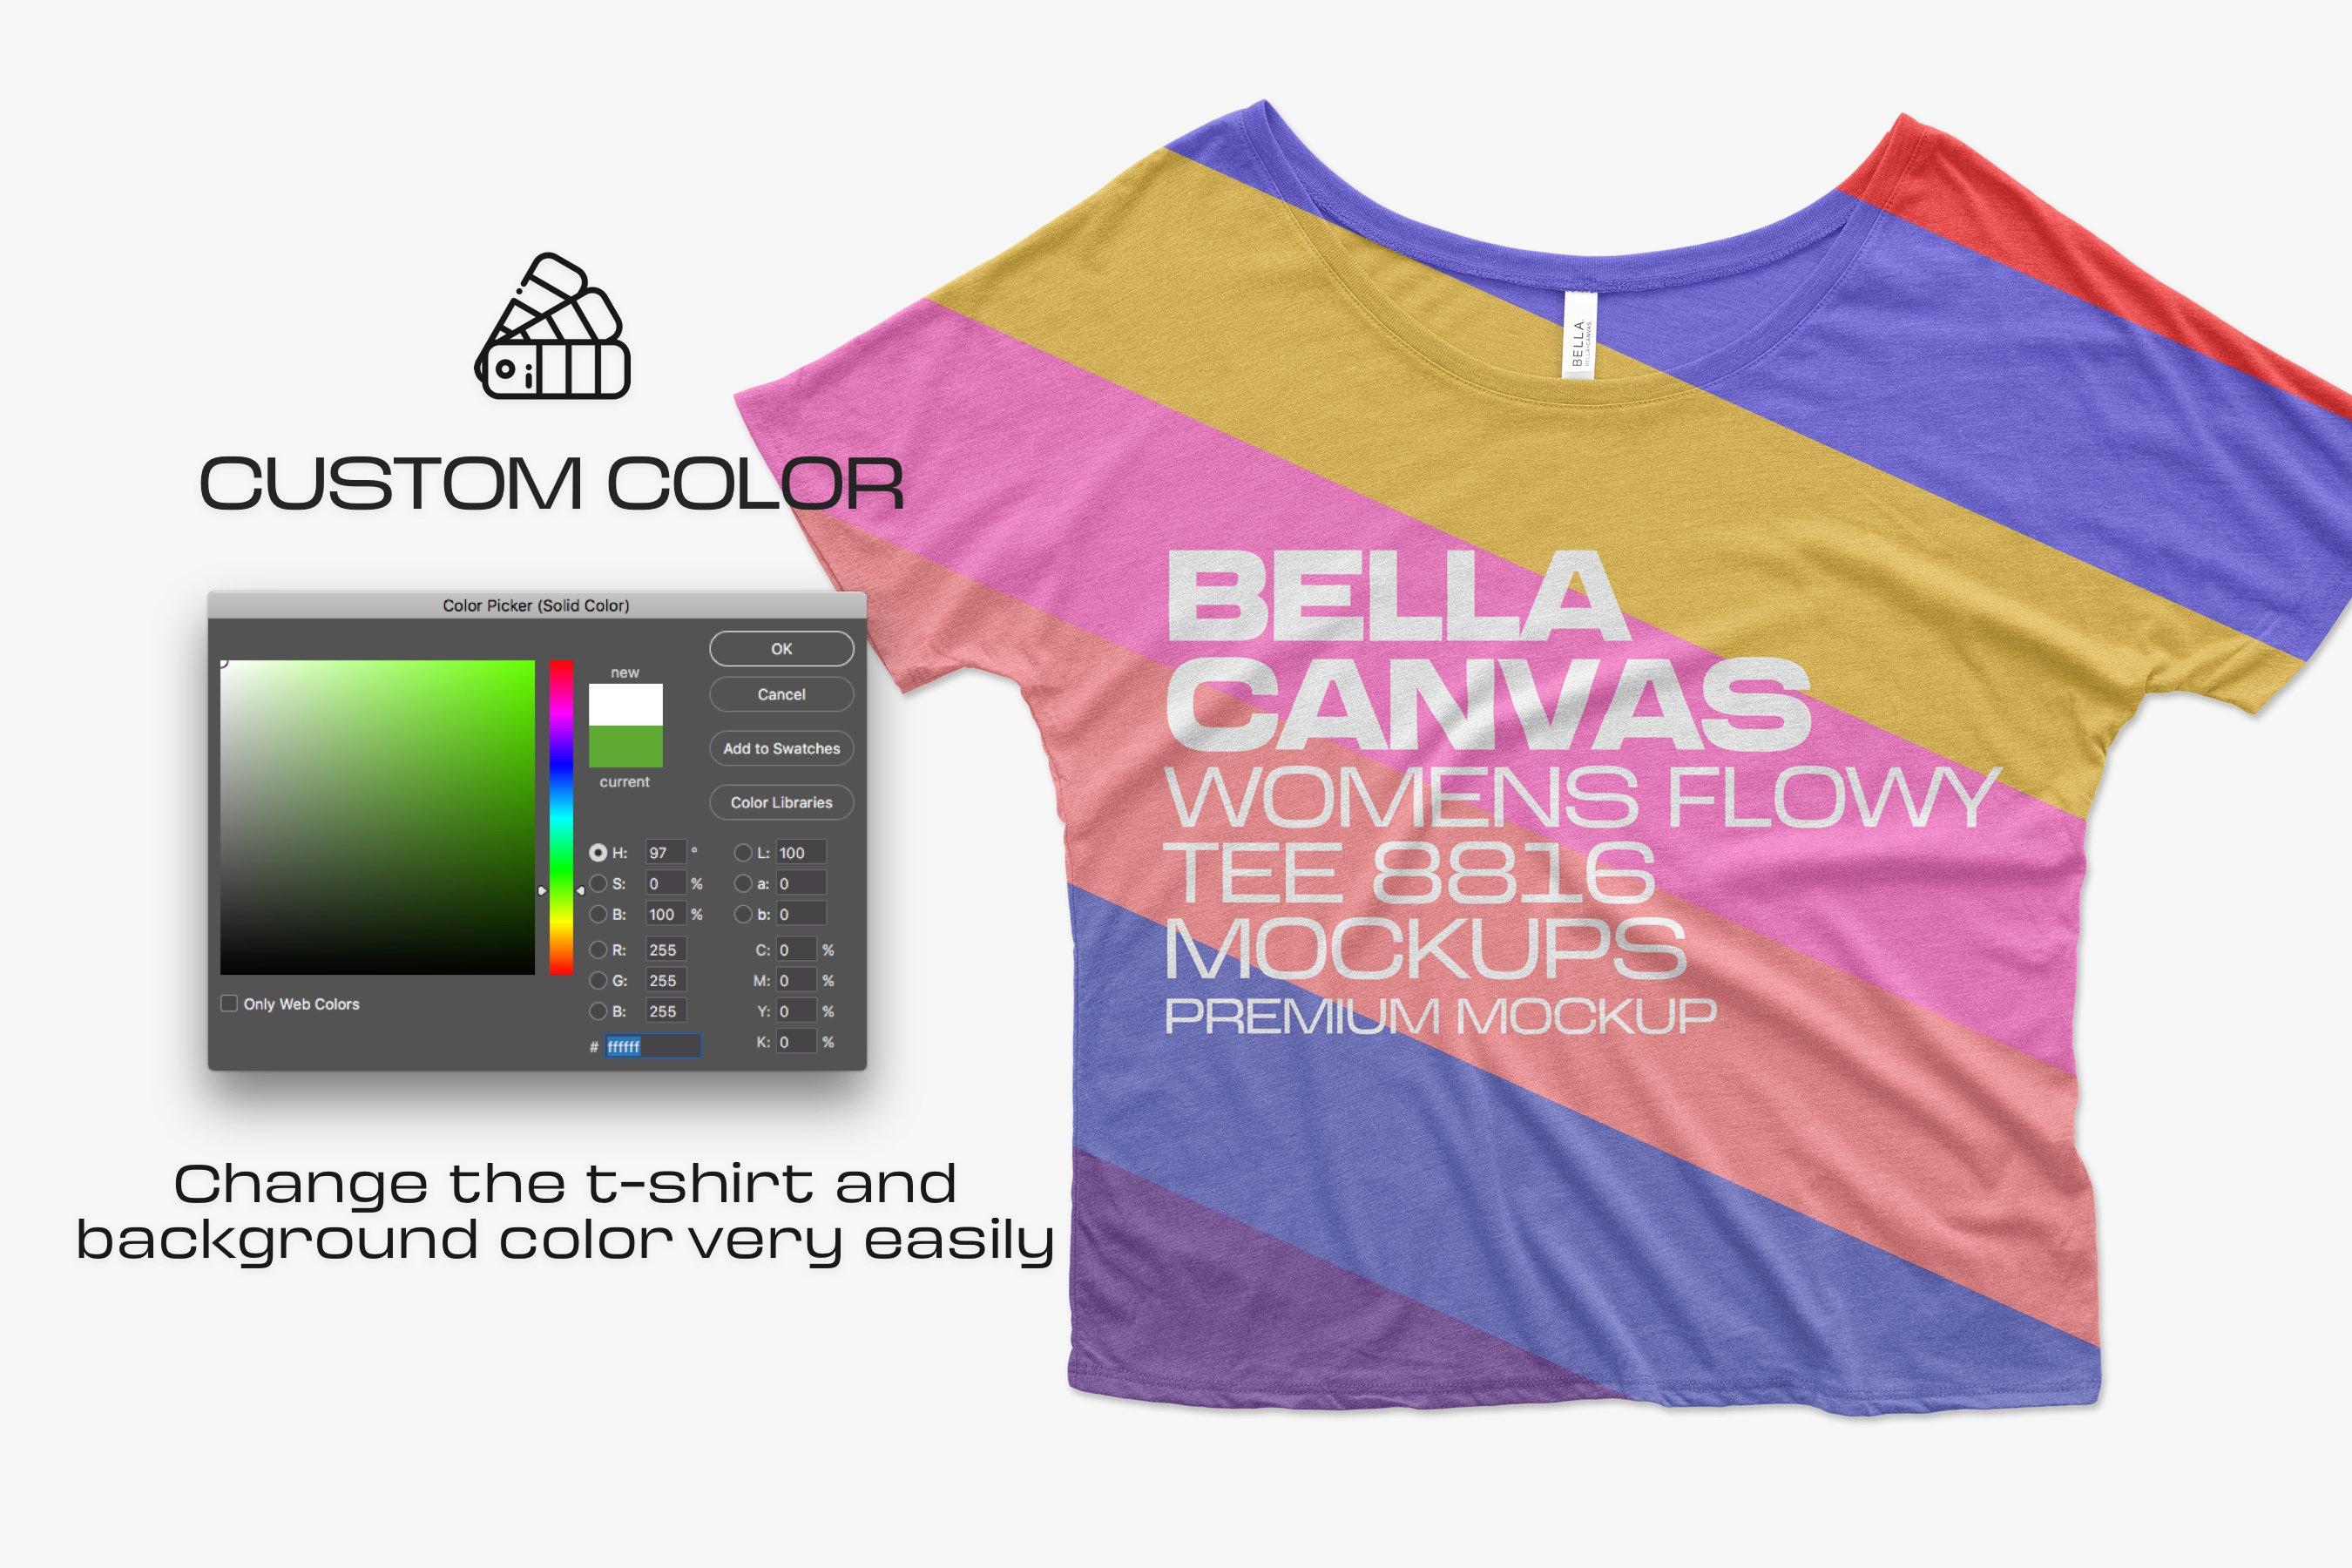 11个简约女士半袖T恤印花设计PS样机模板 Bella Canvas Flowy Tee 8816 Mockups插图3